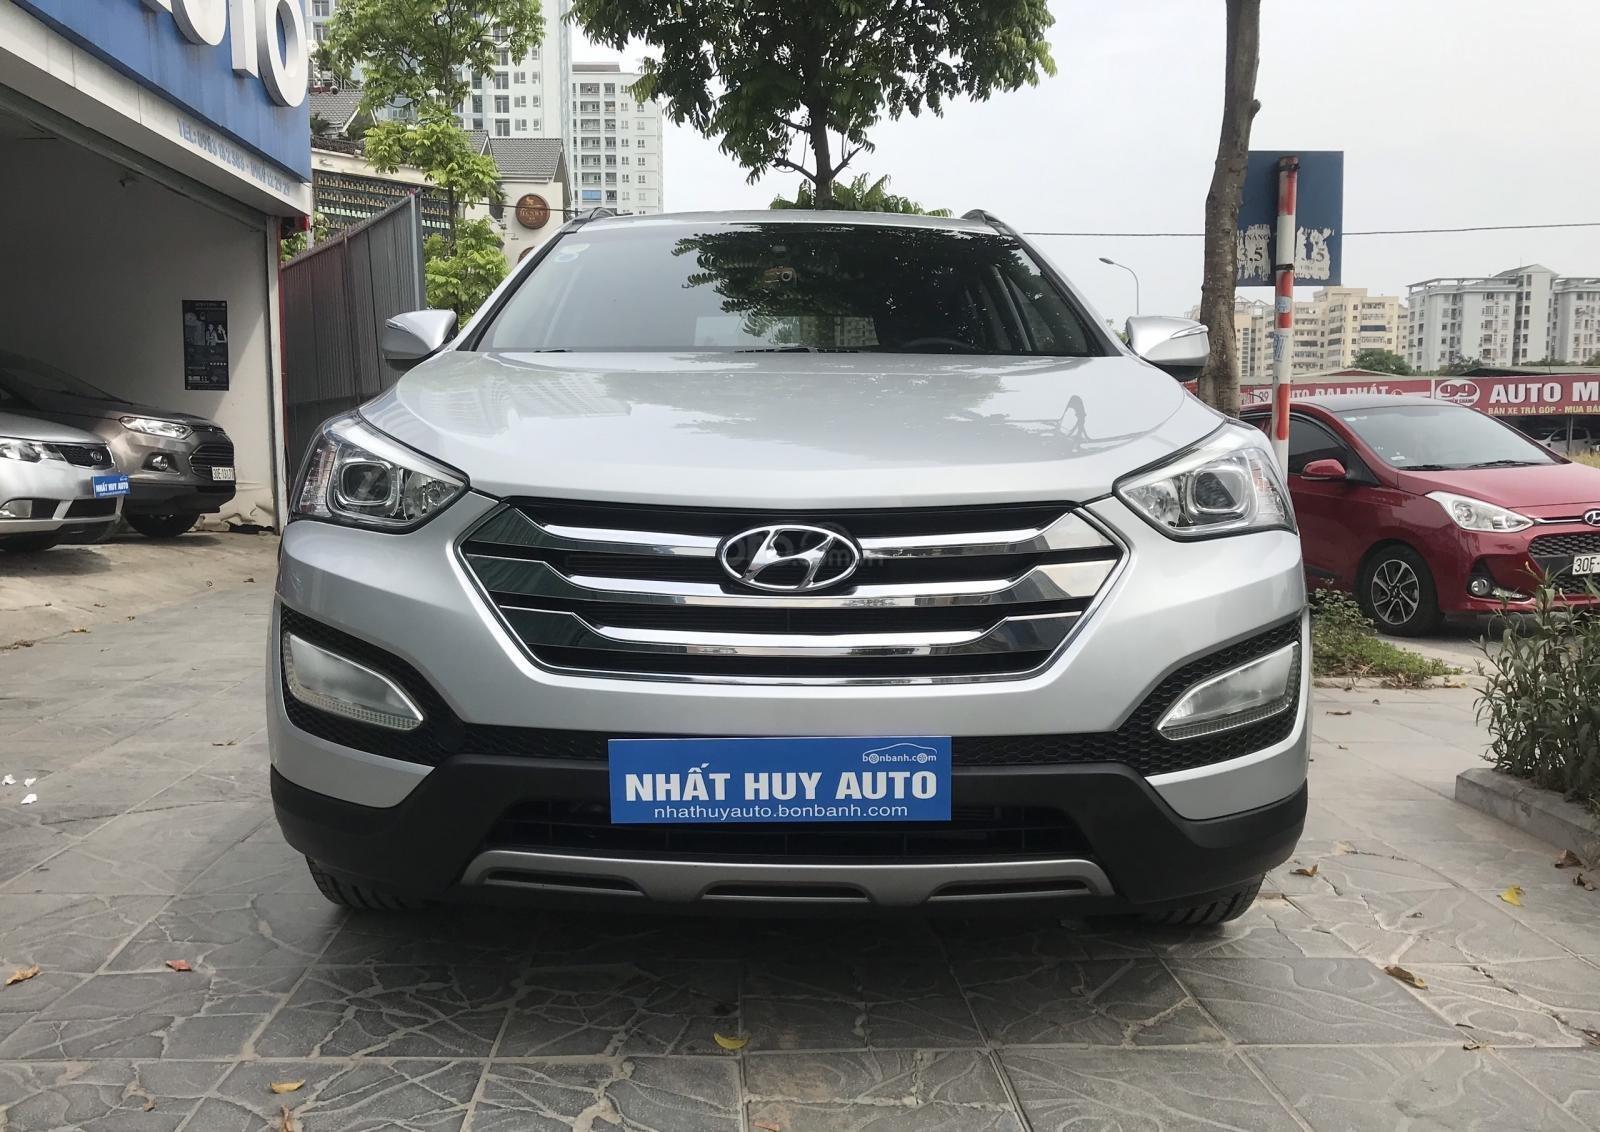 Cần bán Hyundai Santa Fe 2.4 AT năm sản xuất 2013, màu bạc, nhập khẩu nguyên chiếc-1